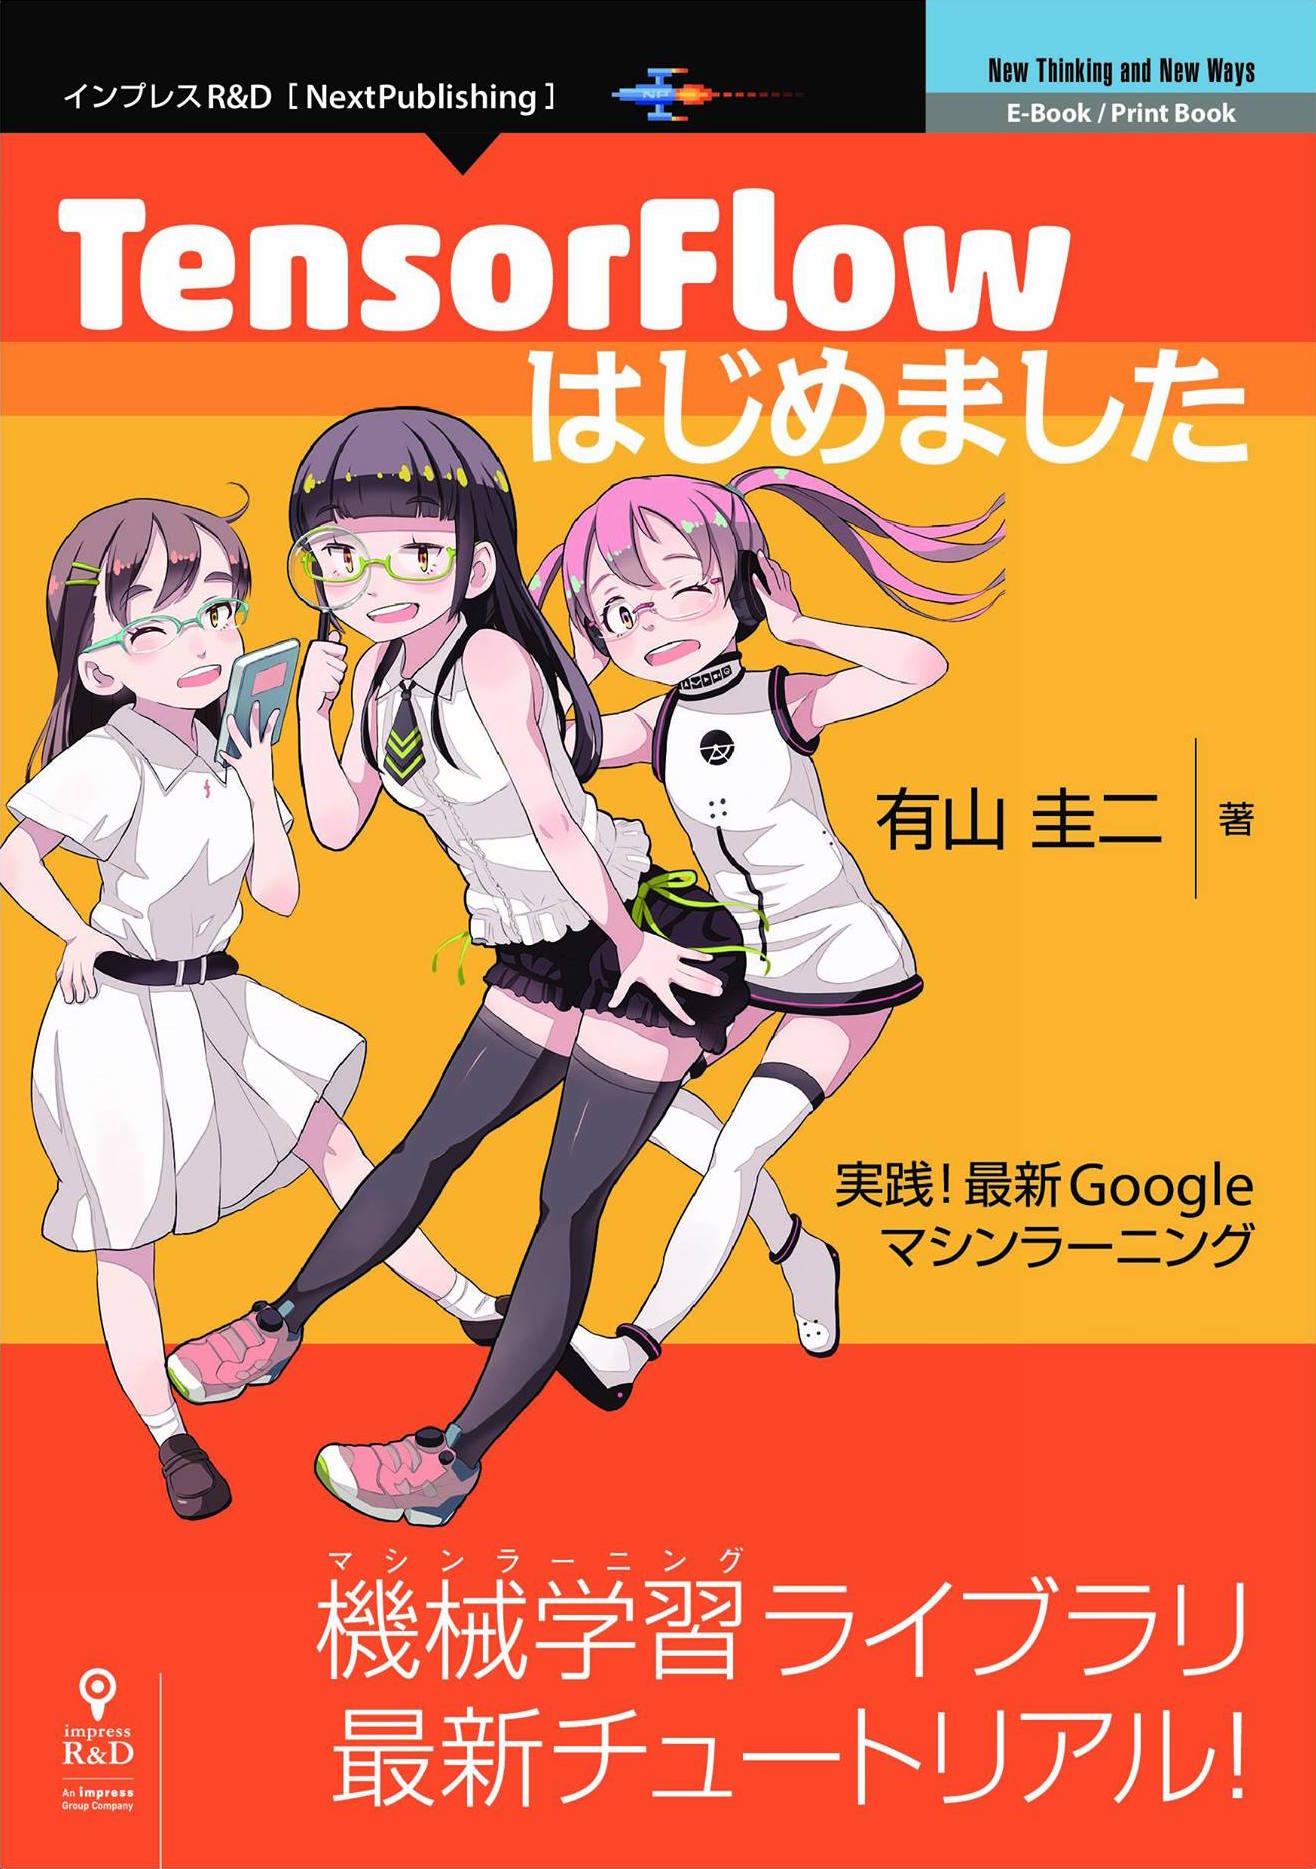 tensorflow_ird